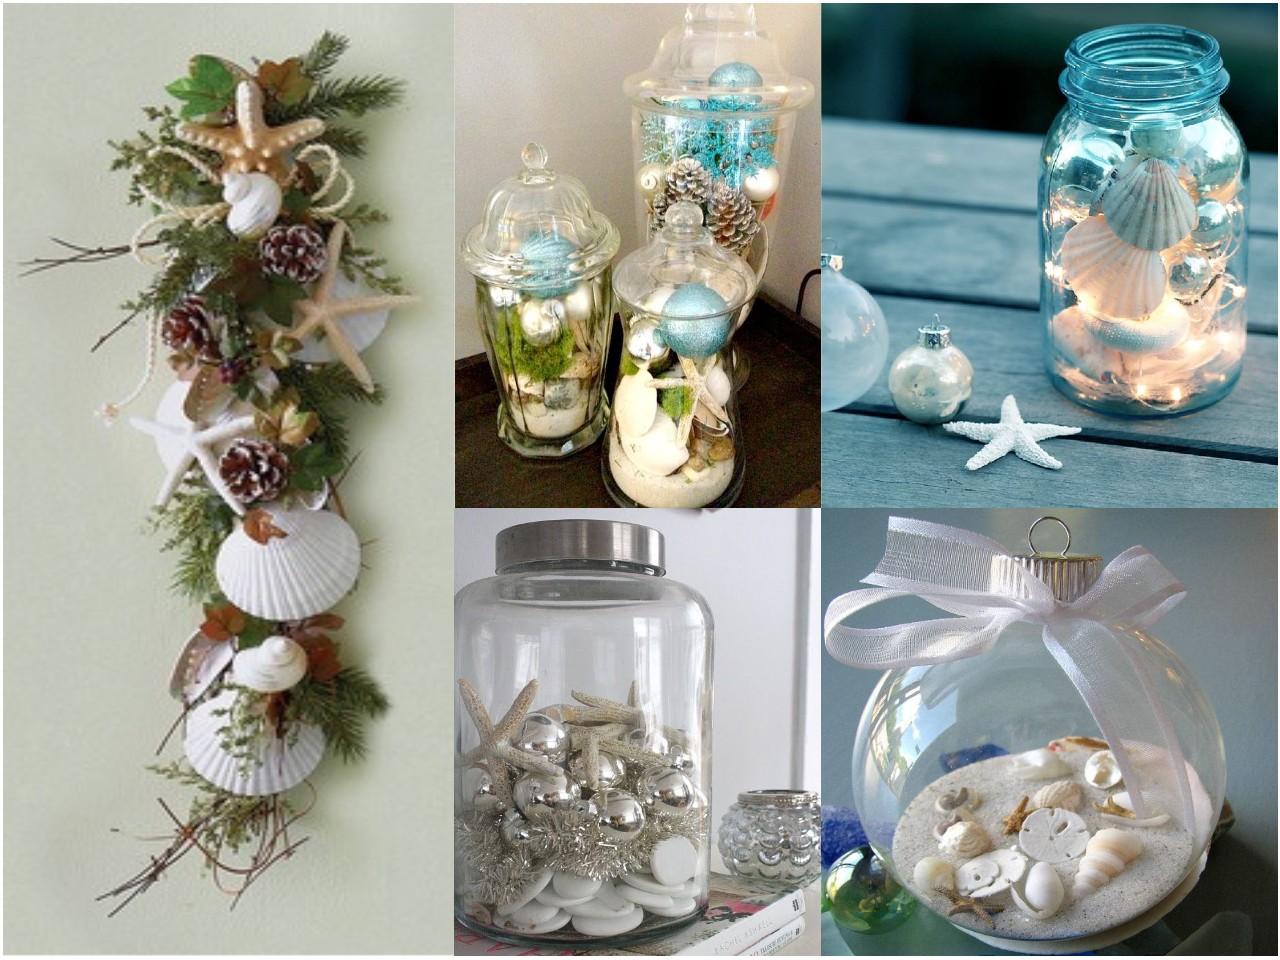 La decoraci n navide a para ba os tambi n existe - Ideas para apuestas ...